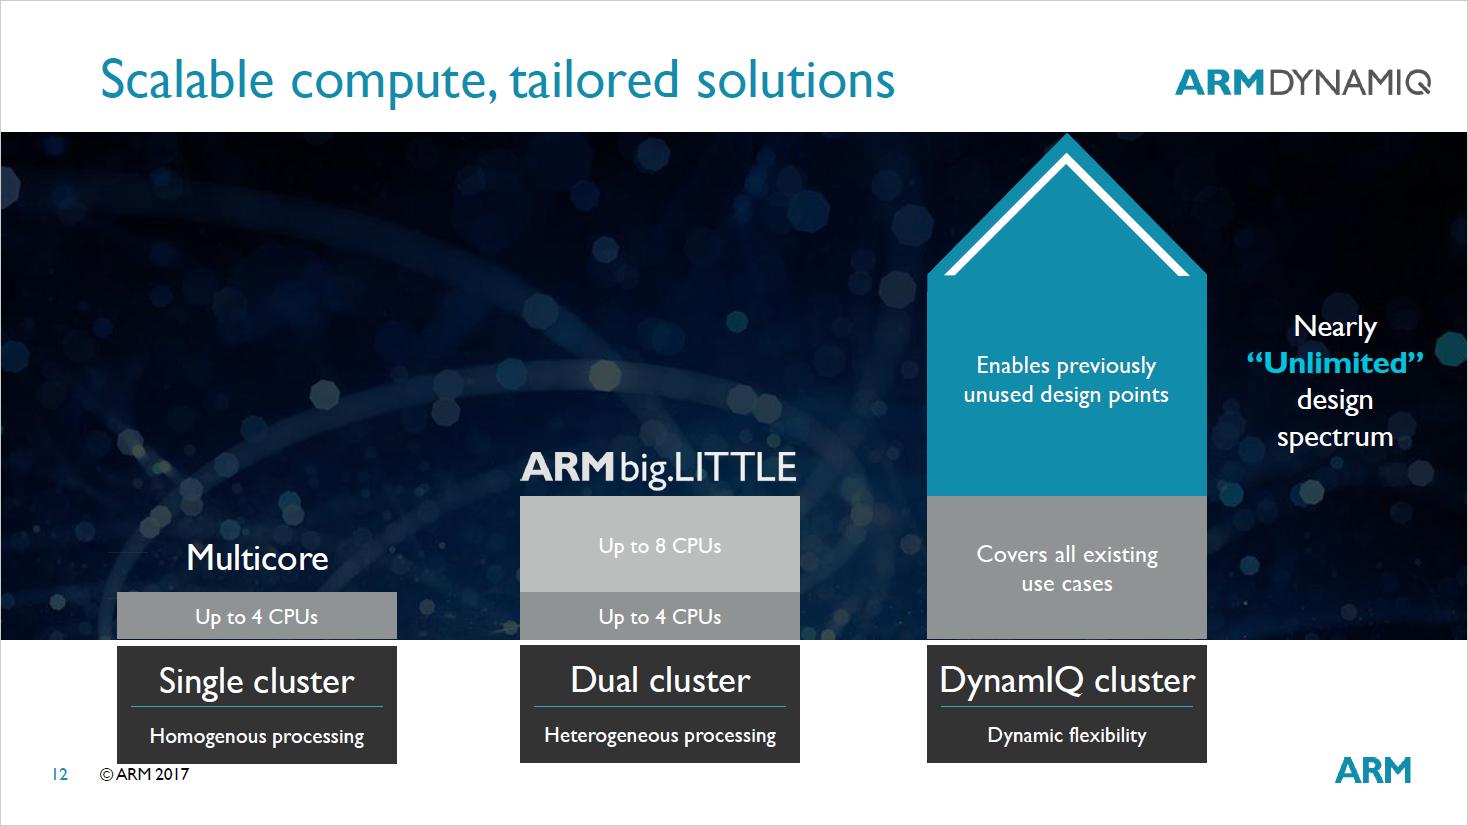 Dynamiq: ARM erweitert Big-Little-Idee auf acht CPU-Kerne pro Cluster - DynamIQ soll sehr viele Cluster erlauben. (Bild: ARM)